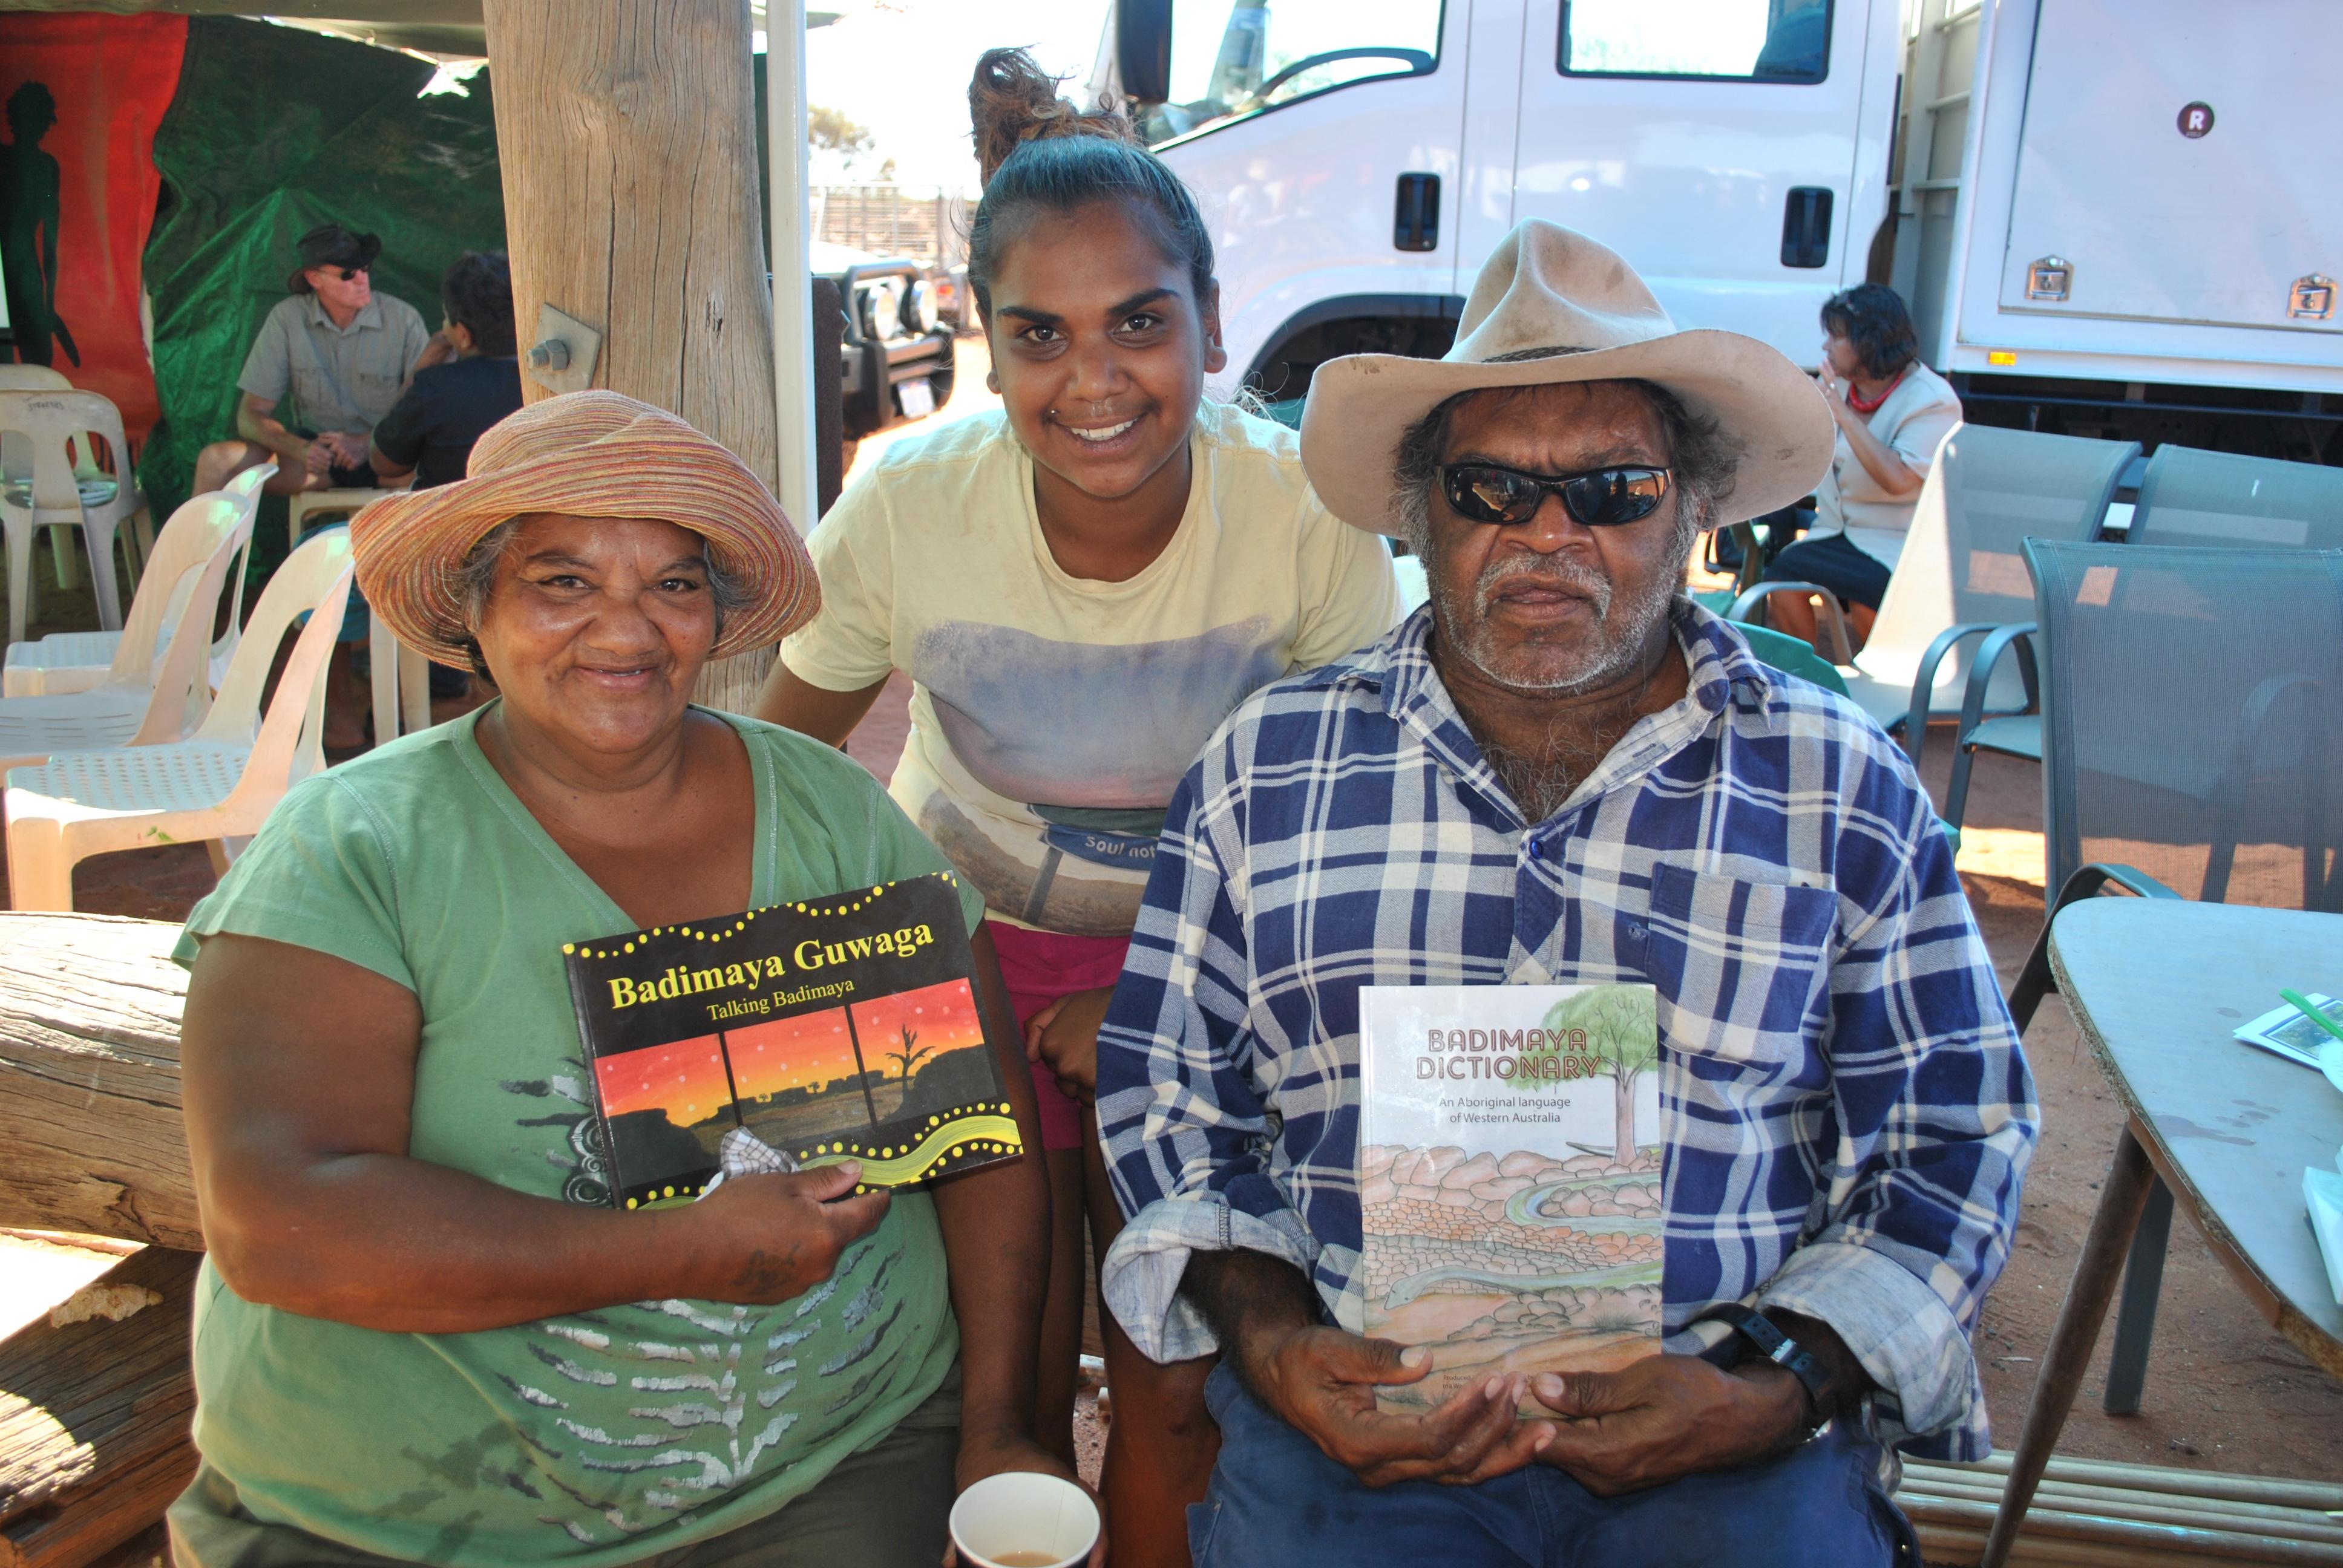 Joan, Louwana and Alan Walsh at the launch of the Badimaya Dictionary